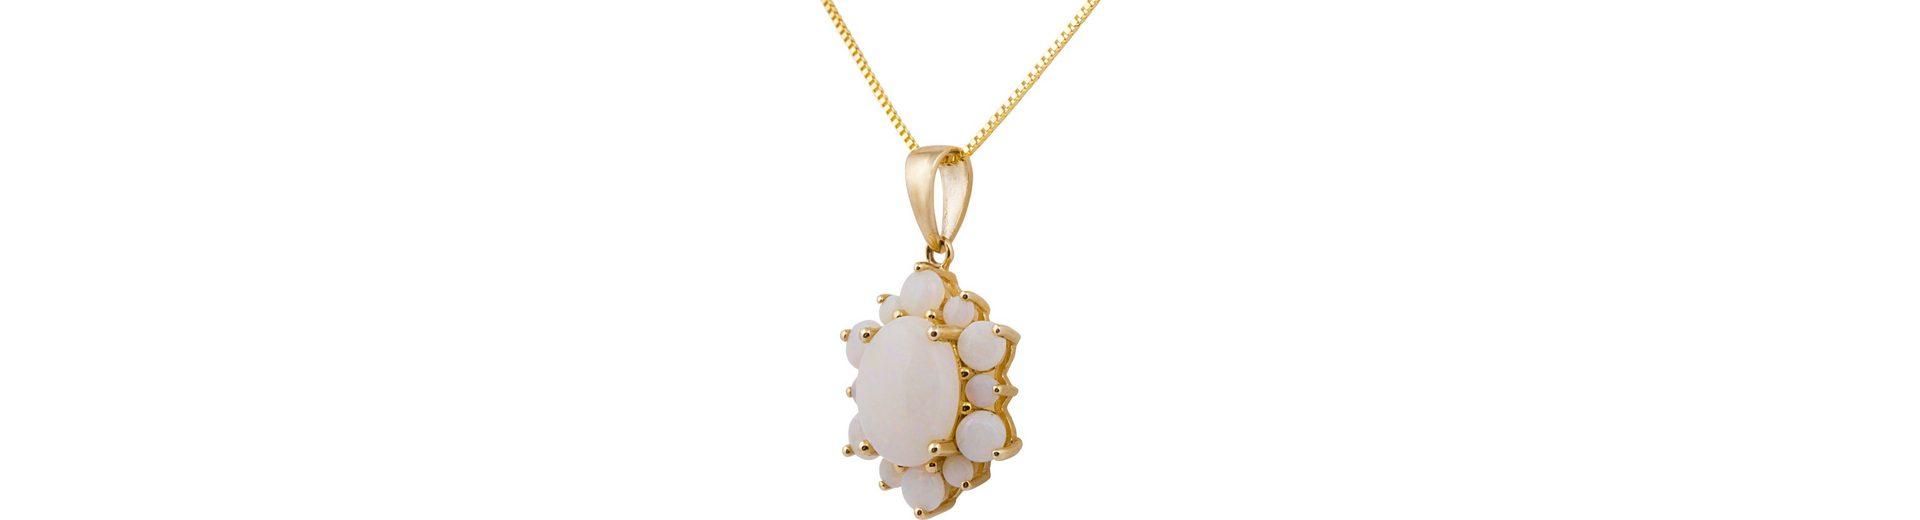 Vivance Jewels Kette mit Anhänger, mit Opalen